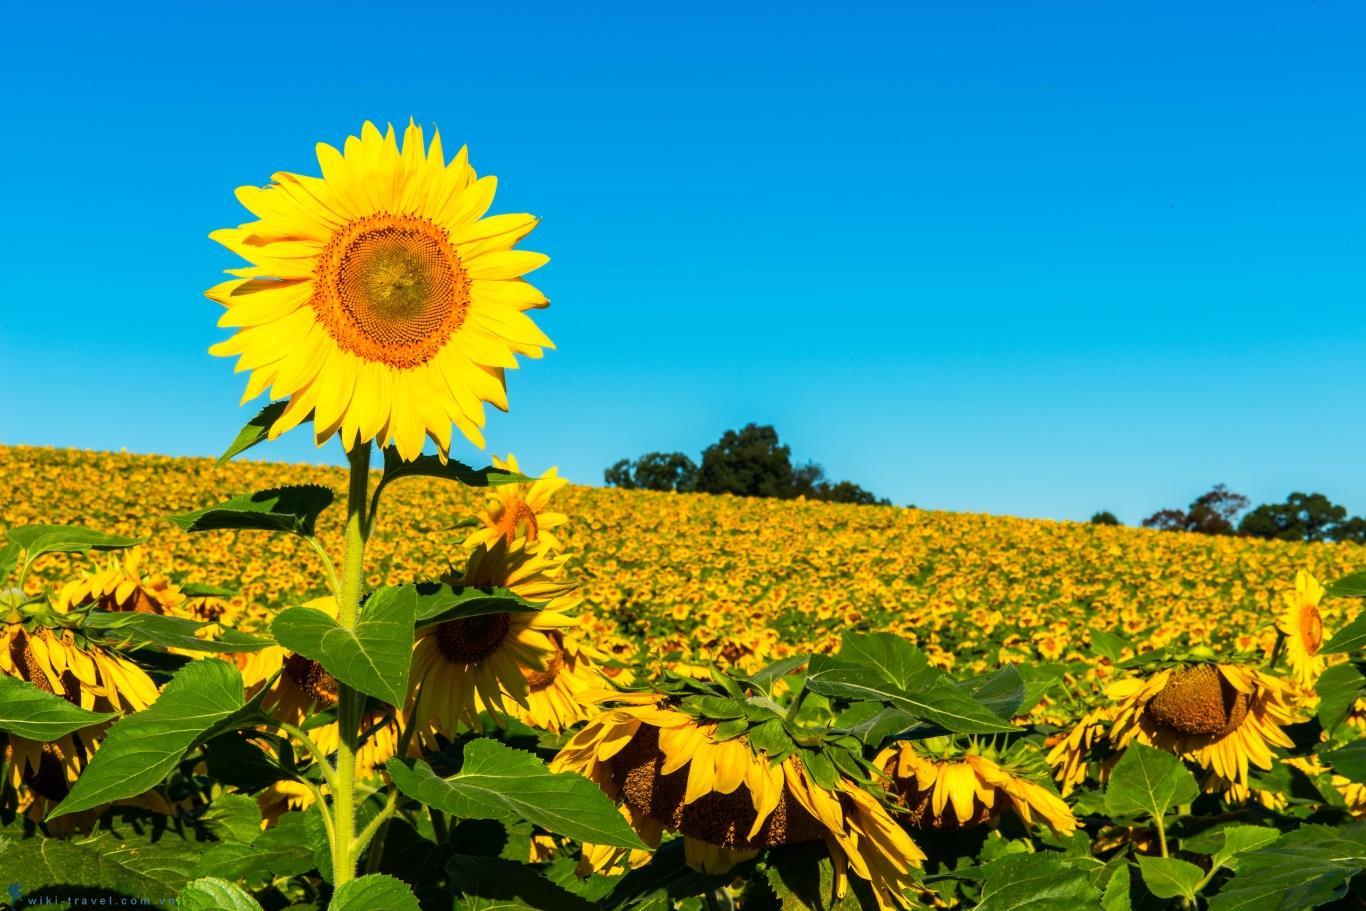 Hình ảnh hoa hướng dương đẹp nhất (4K) 52